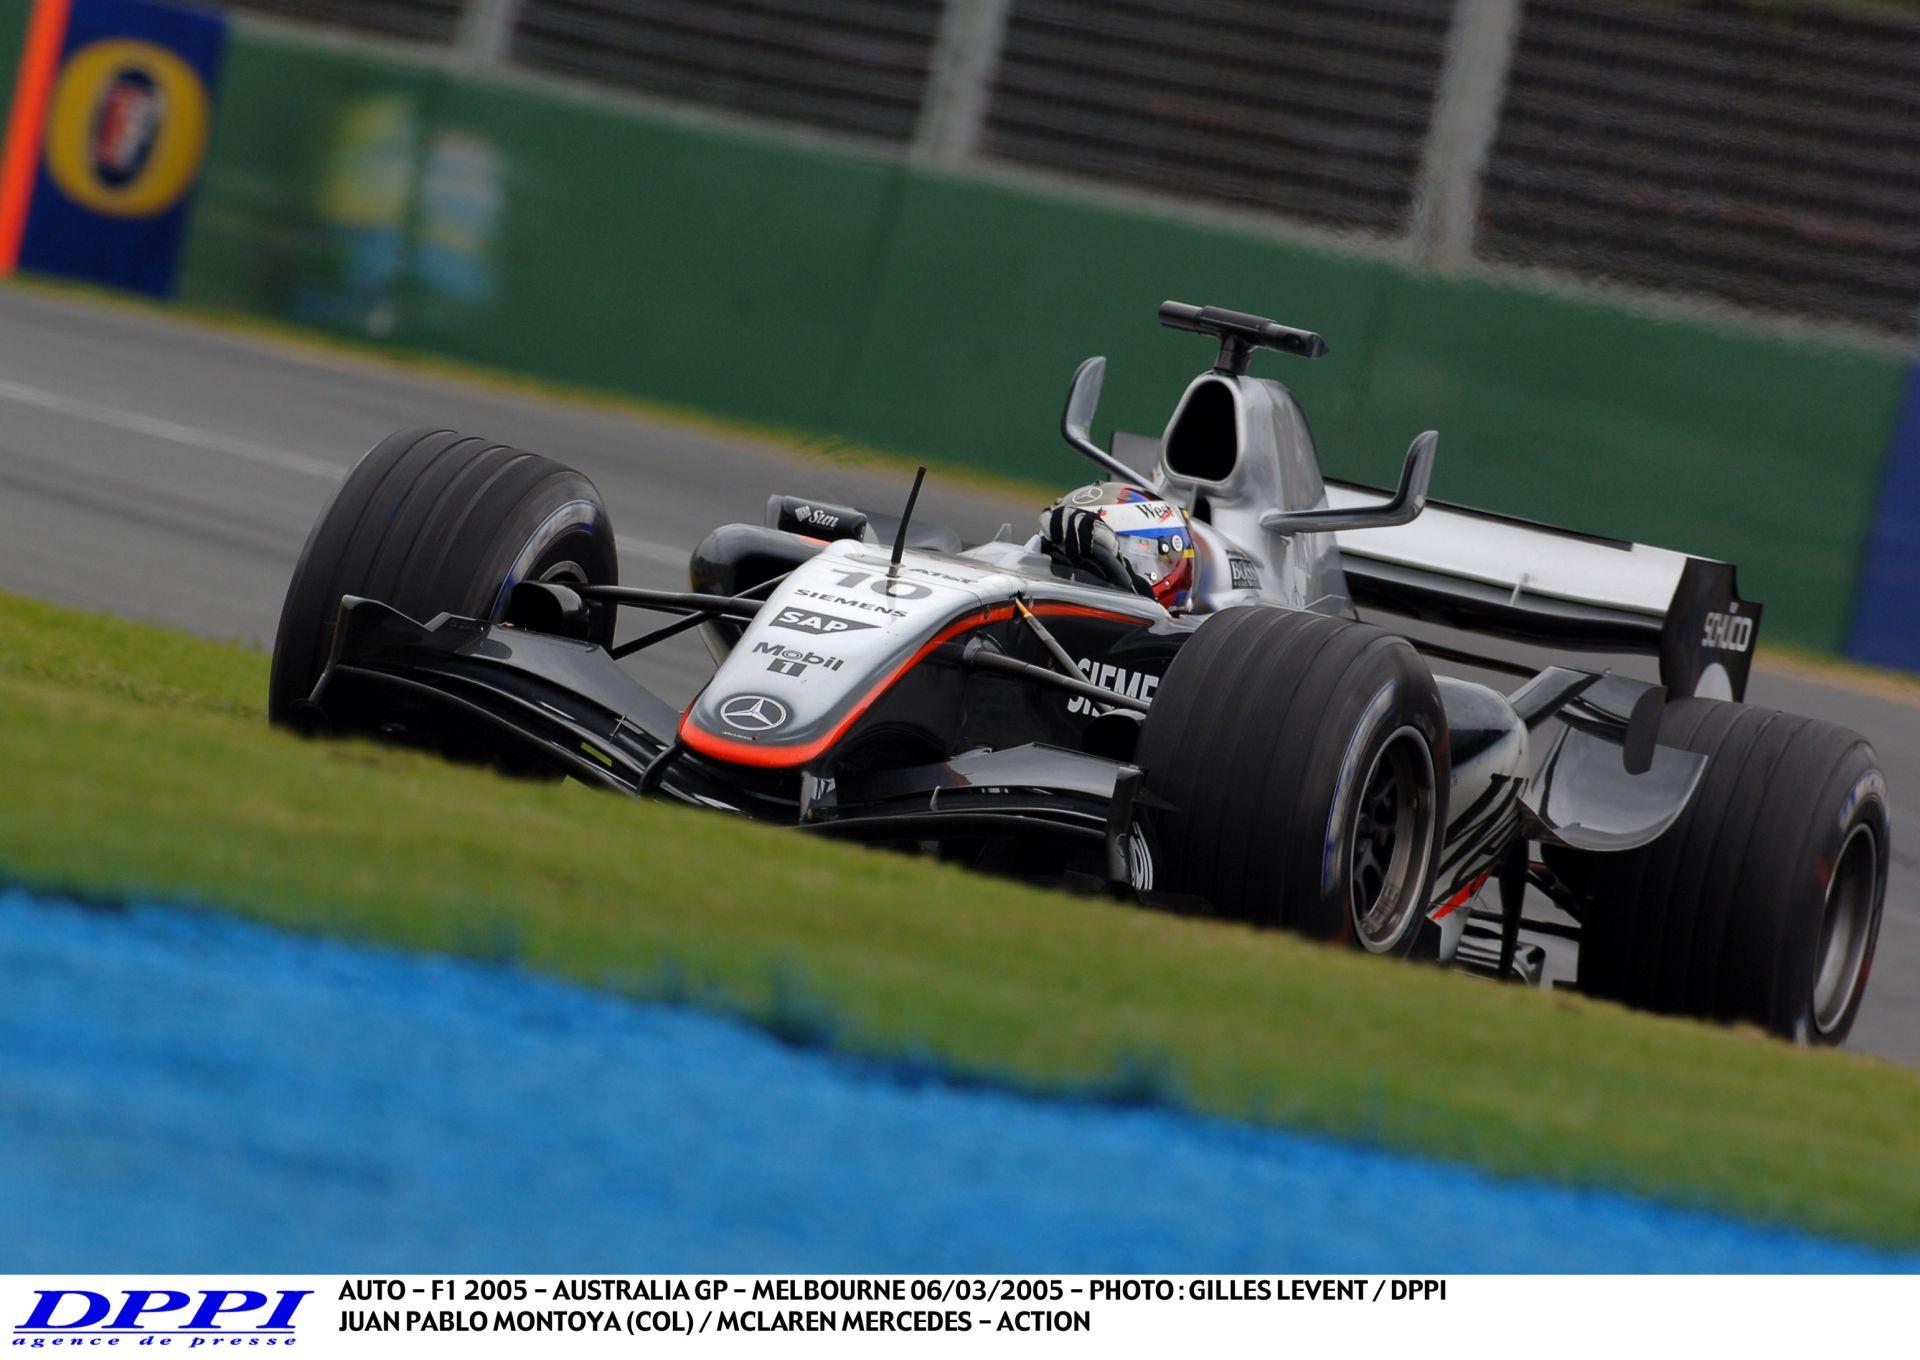 Egy V10-es pályabejárás Montoyával és a McLarennel: Albert Park